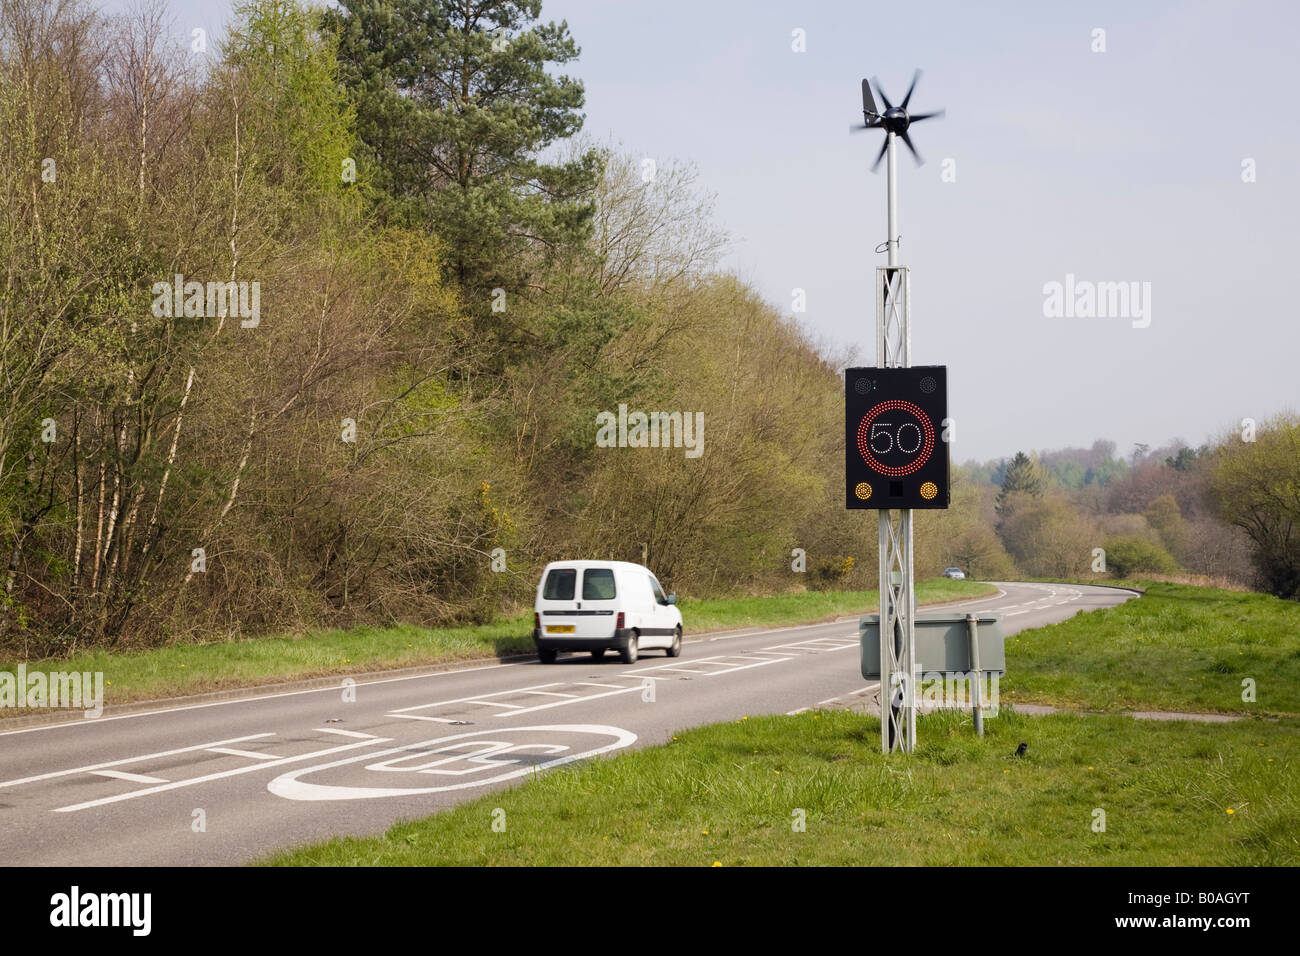 West Sussex England UK Wind angetrieben 50 km/h Geschwindigkeit Zeichen von Fahrzeug an Land Hauptstraße beleuchtet Stockbild